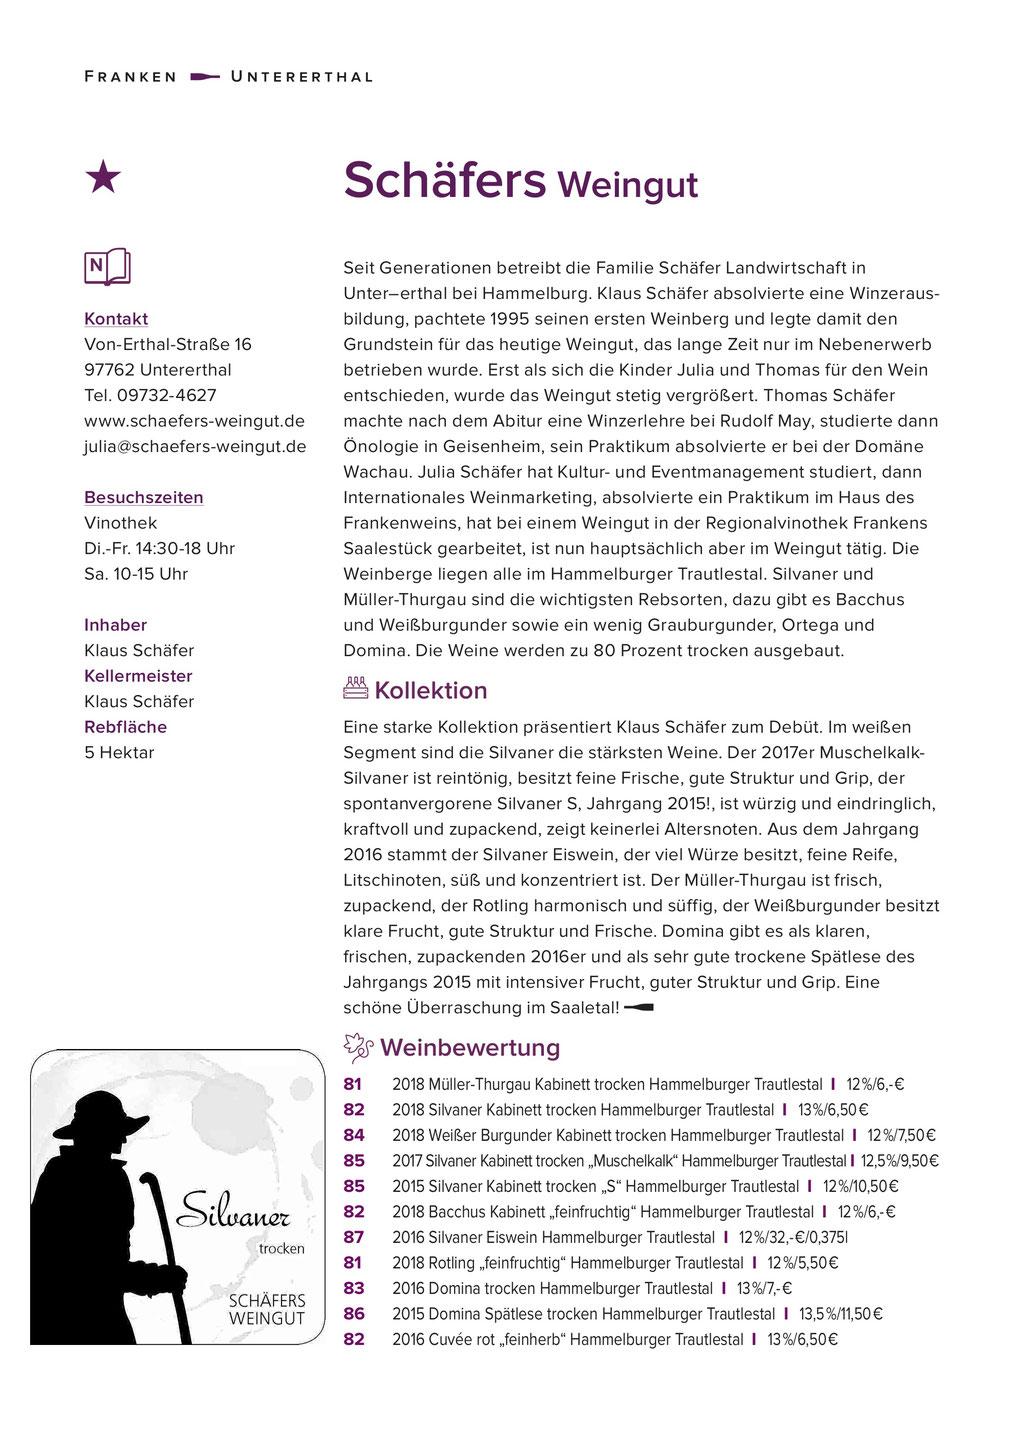 Eichelmann 2020. Schäfers Weingut. ausgezeichnet.